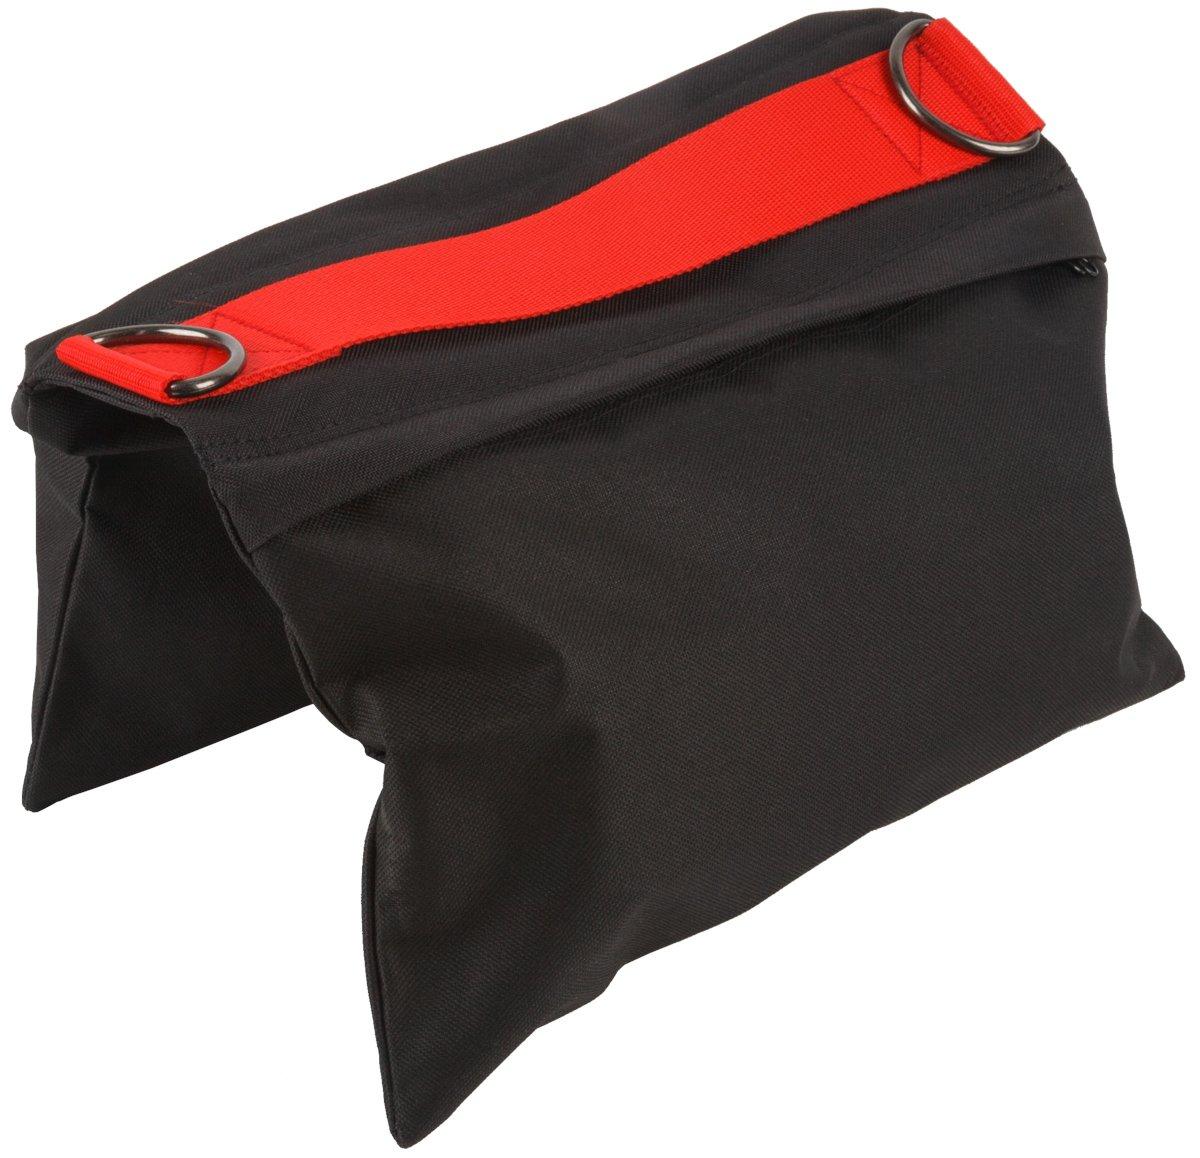 25 lb Sand Bag (empty) by Studio Assets